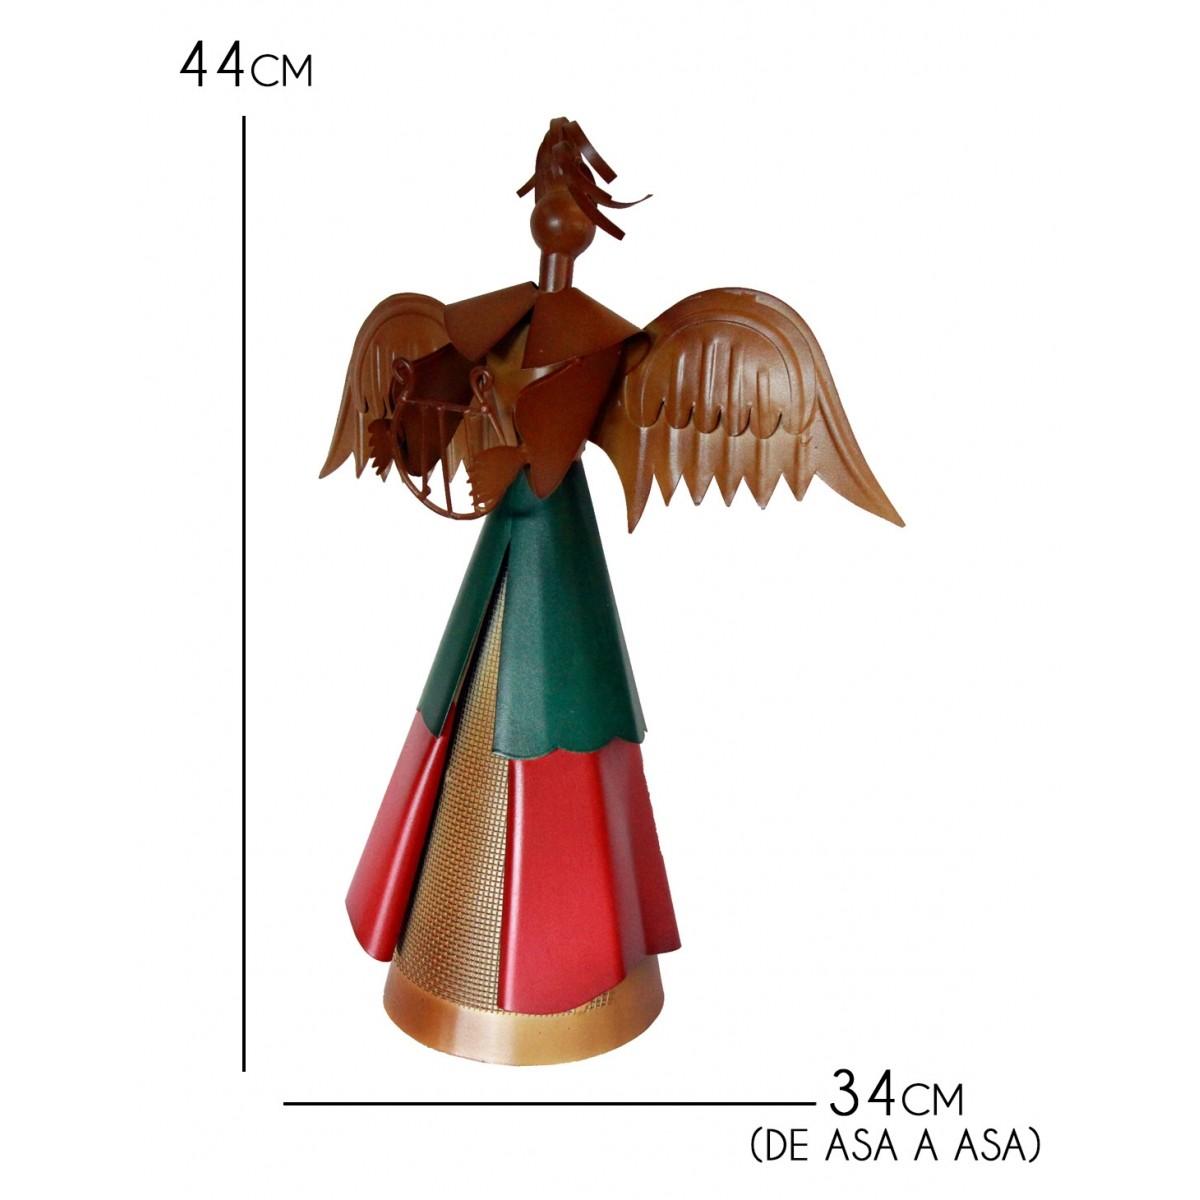 Anjo Decoração de Natal Artesanal de Ferro Rustico para Enfeite de Mesa